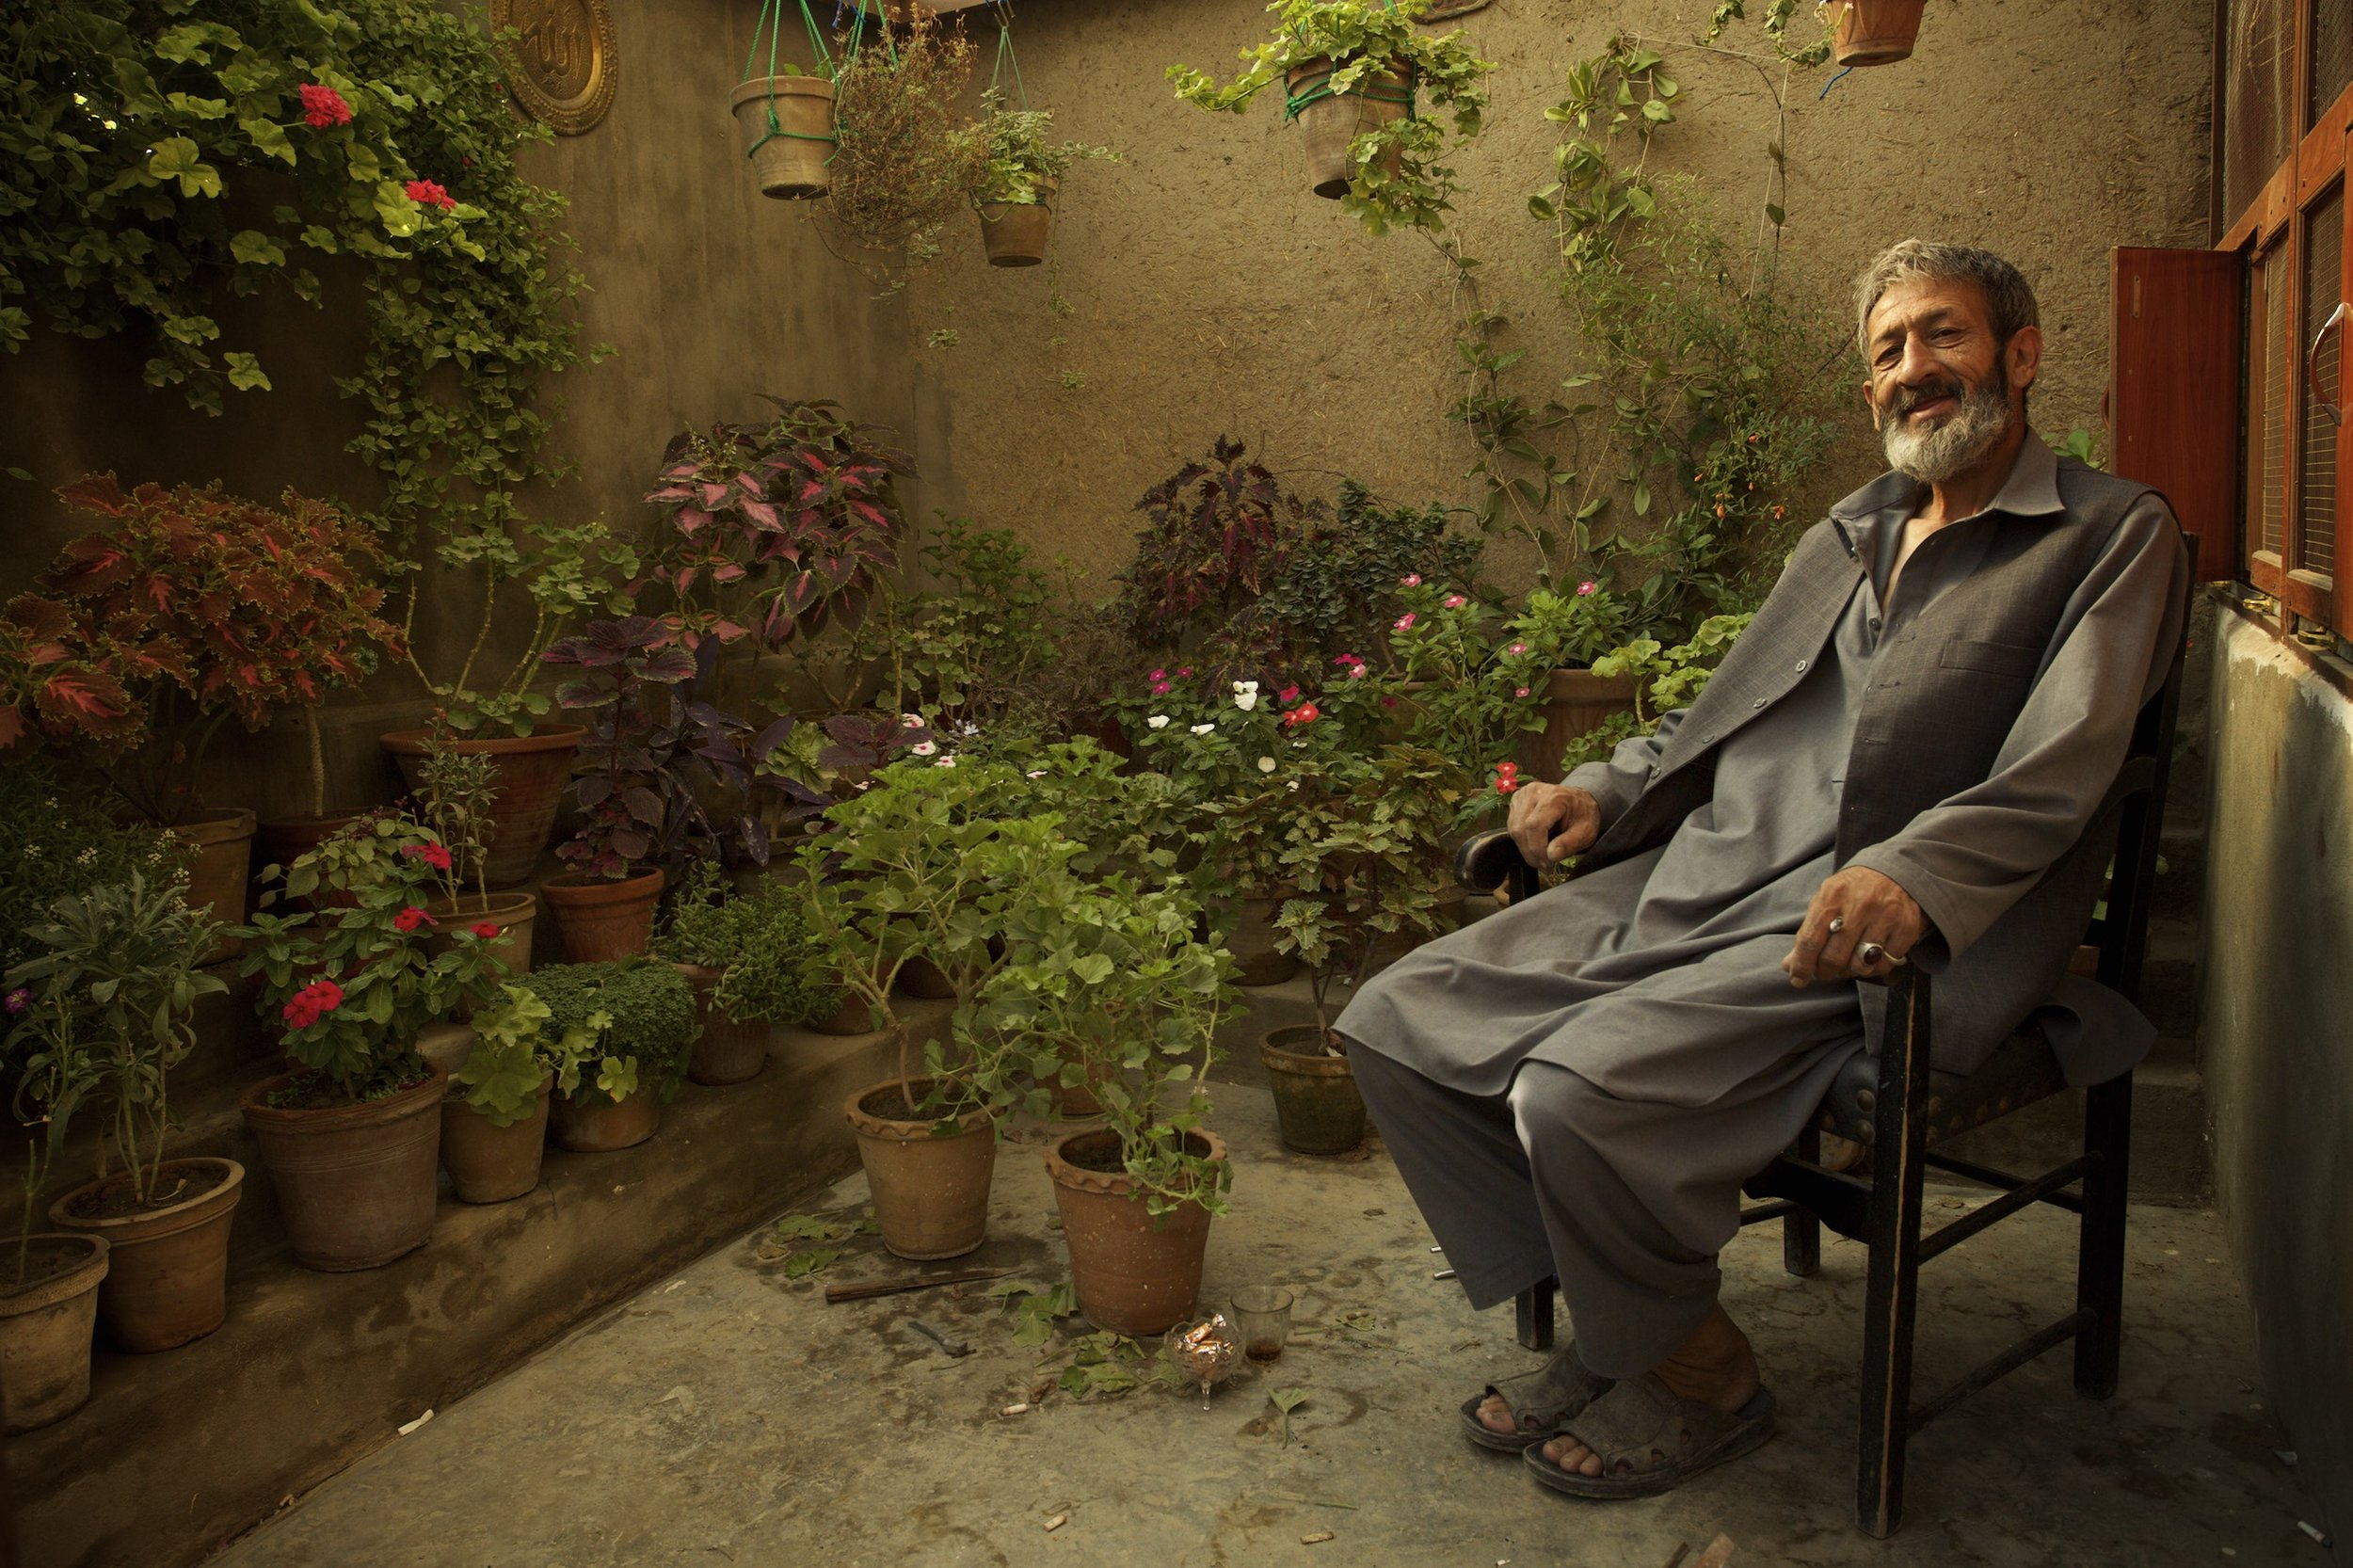 Ramesh, Kabul 2014